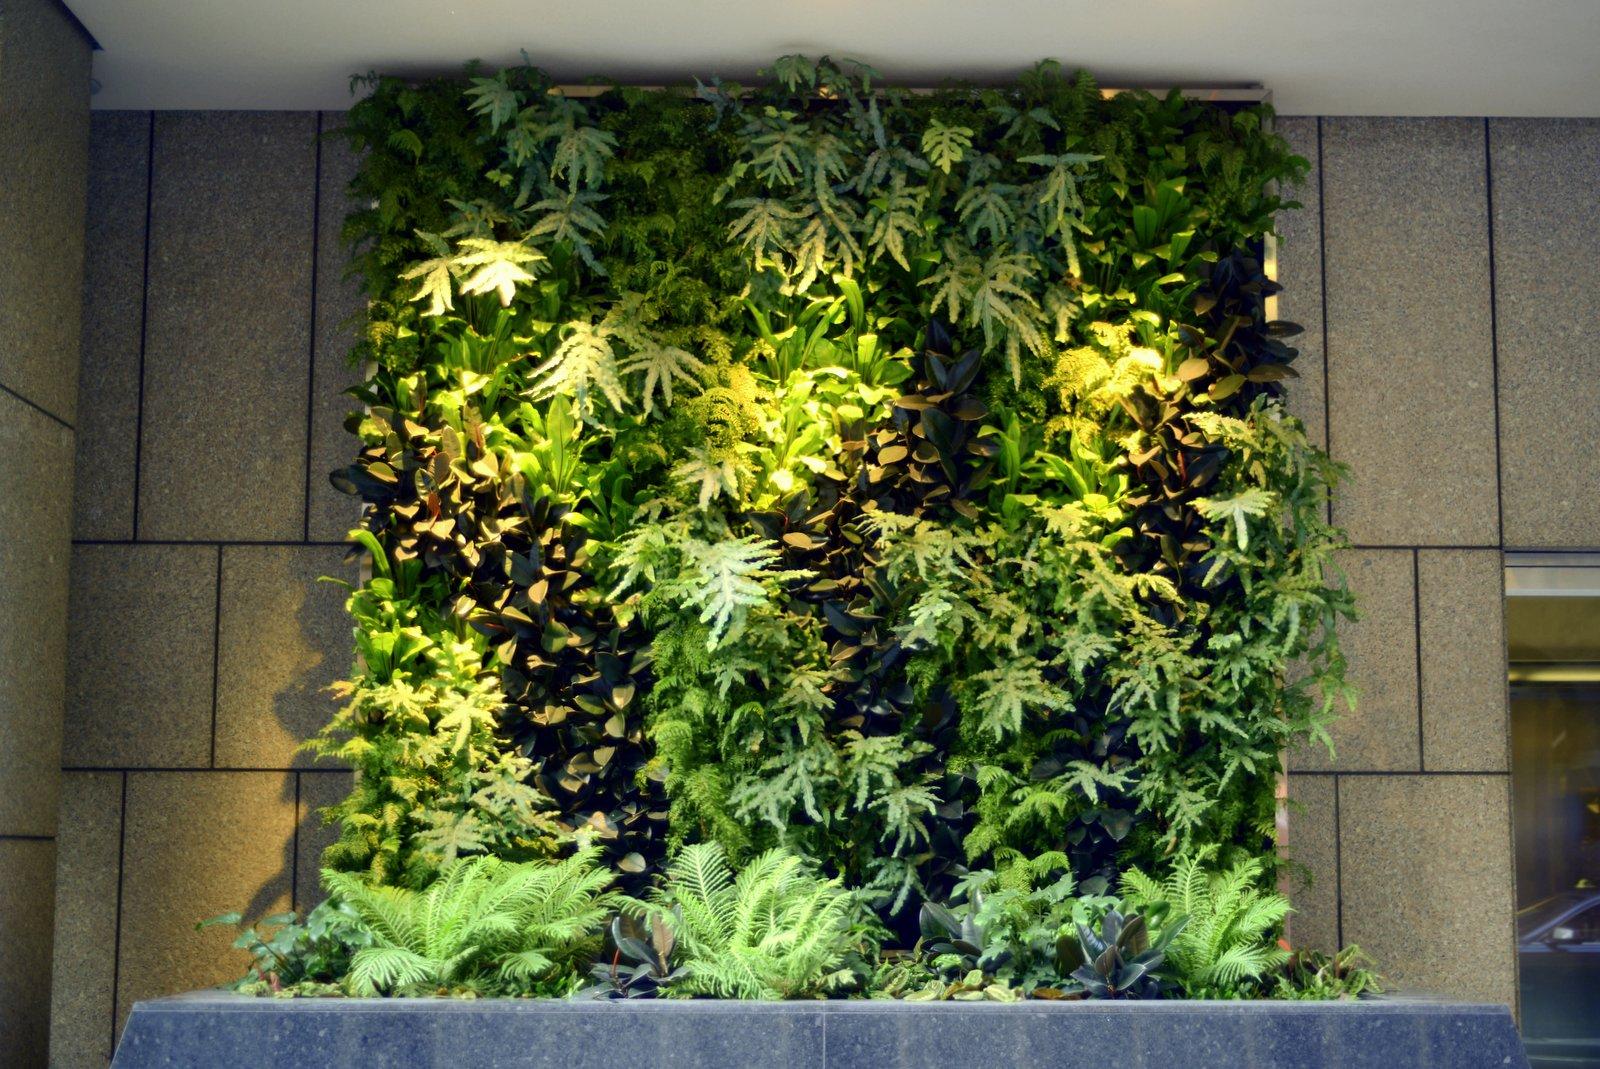 plants on walls vertical garden systems december 2012. Black Bedroom Furniture Sets. Home Design Ideas